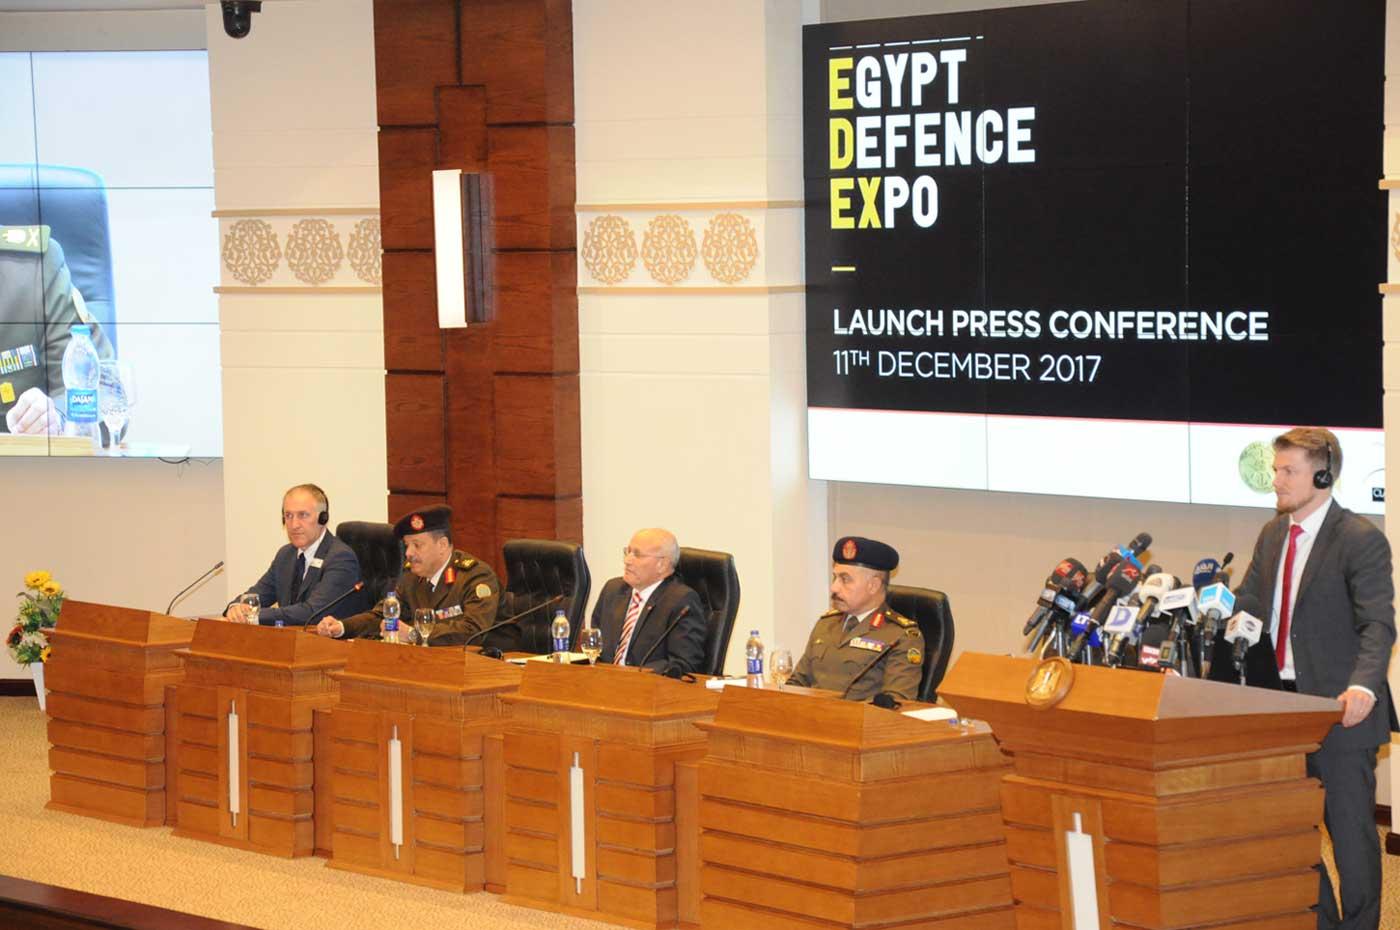 صور | القوات المسلحة تعلن تنظيم معرض الصناعات العسكرية ديسمبر المقبل